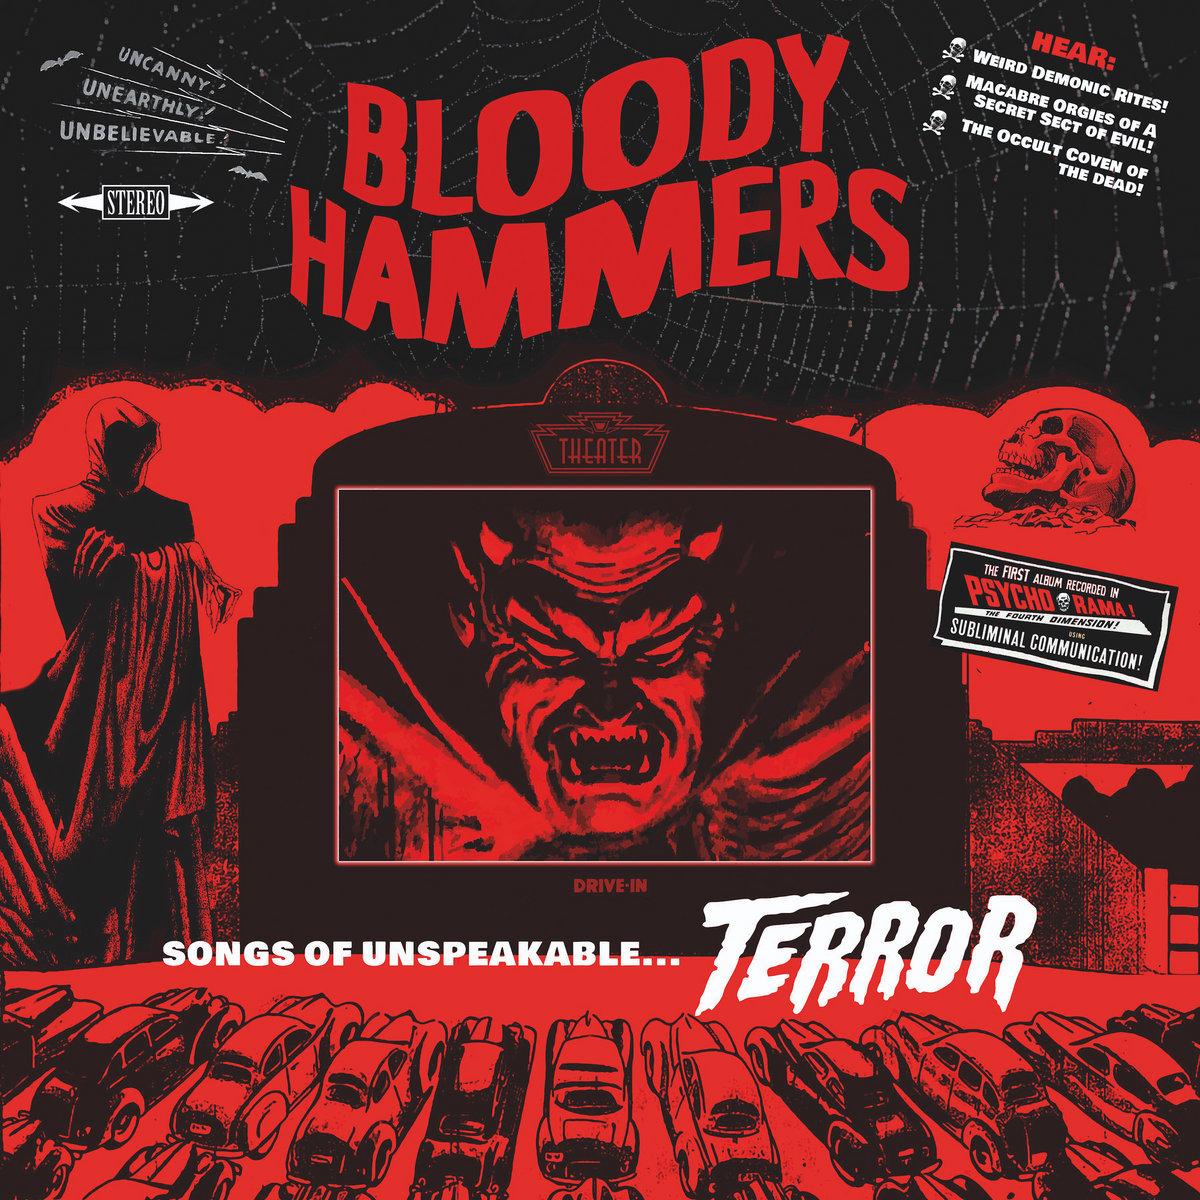 BLOODY HAMMERS songs Unspeakable Terror album cover artwork